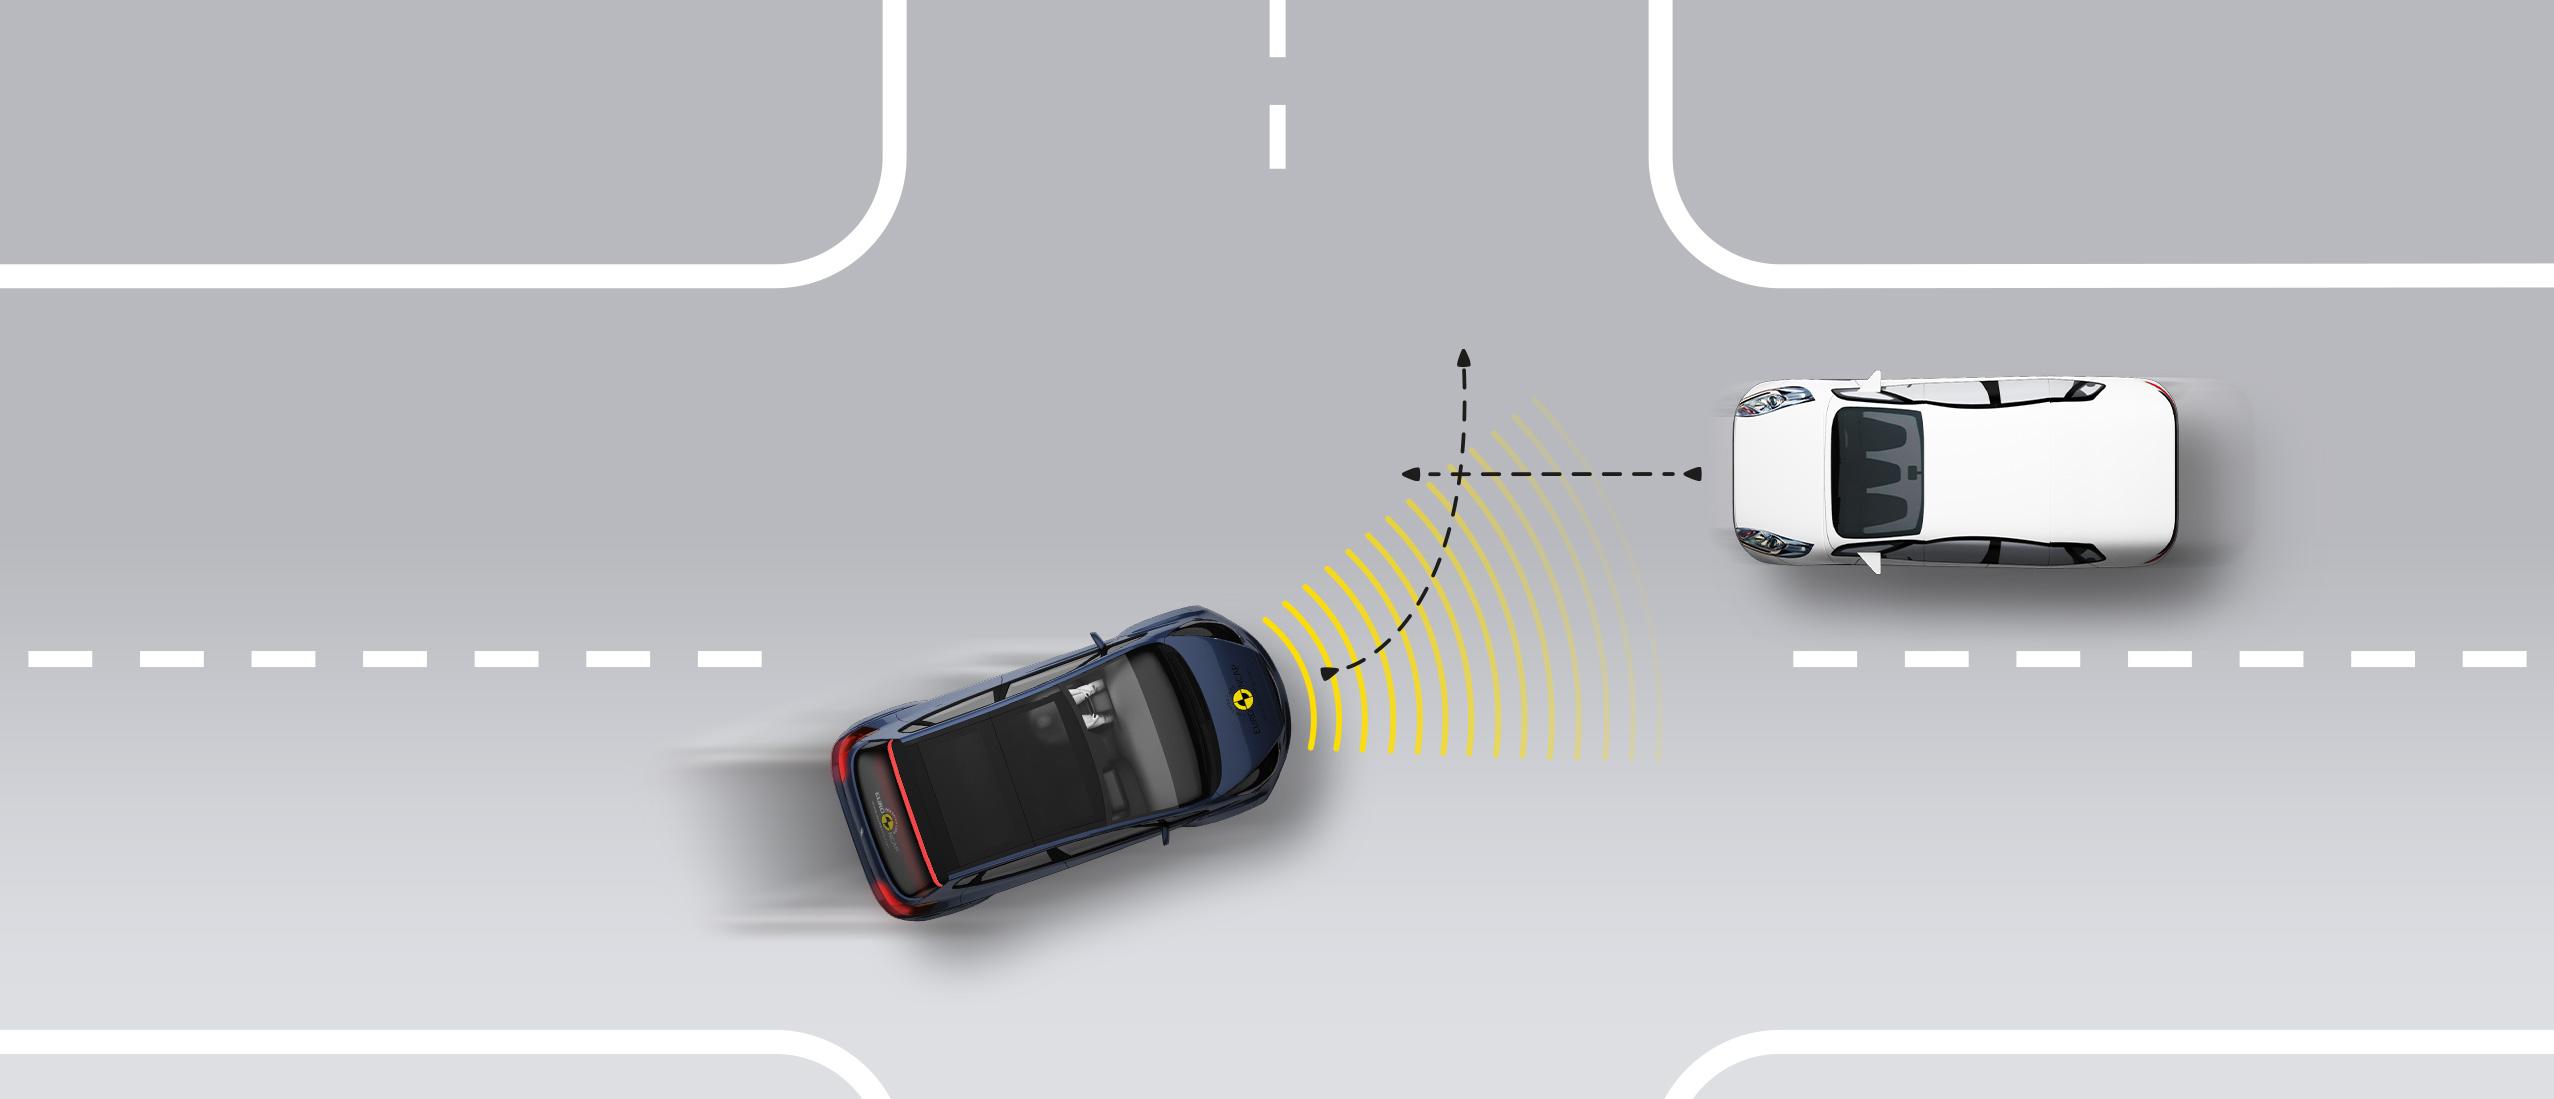 测试车辆转弯穿过接近车辆前方道路